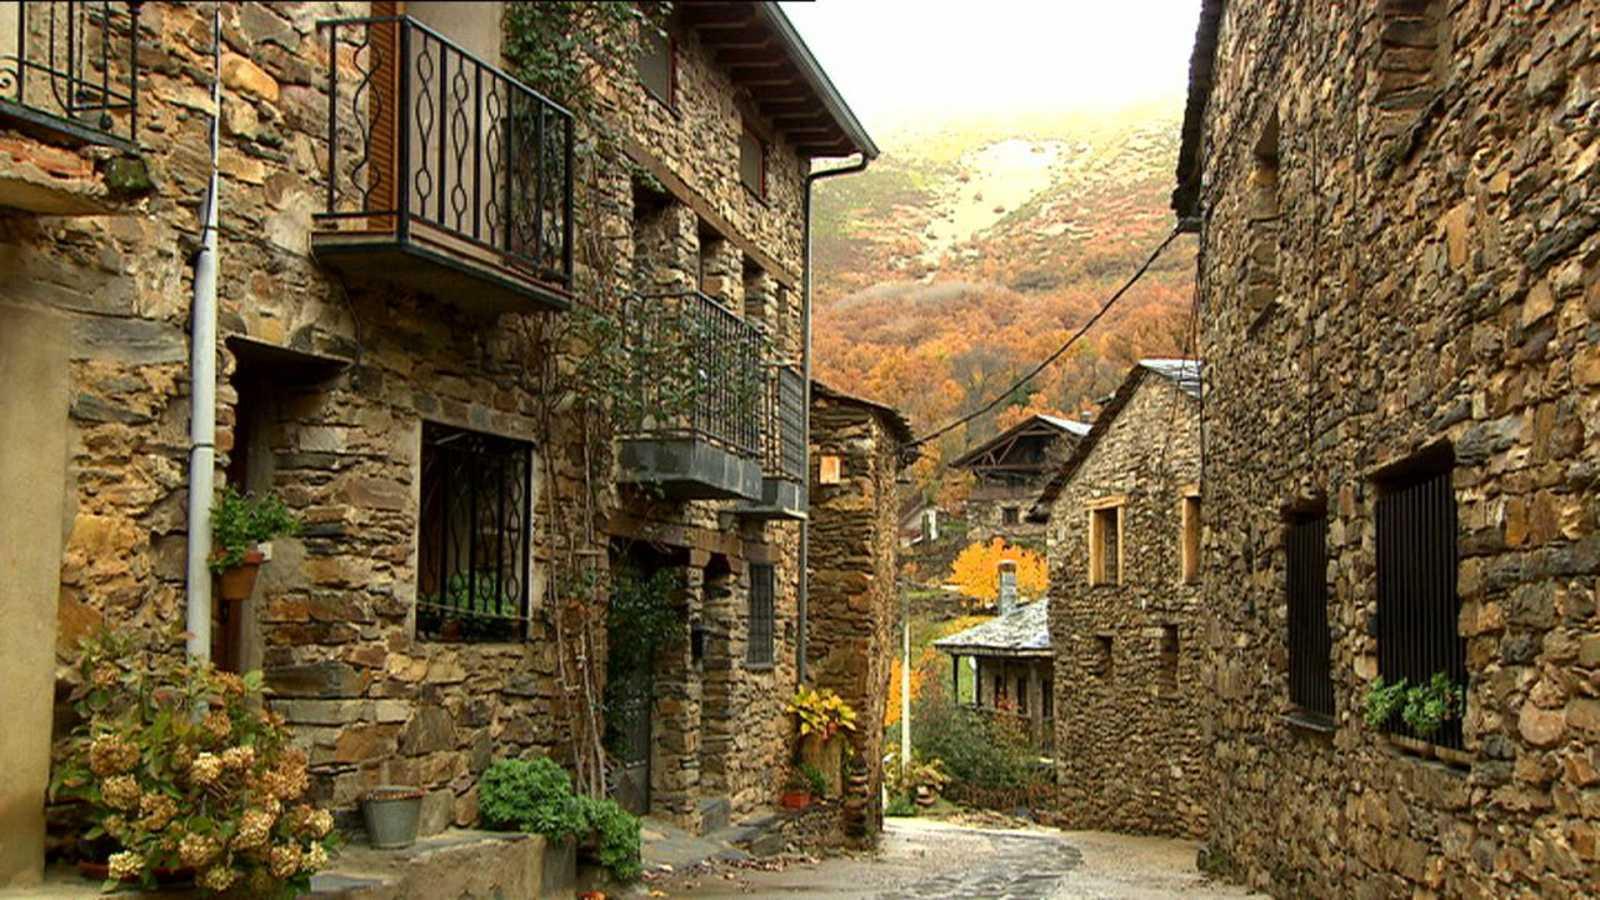 En clave Turismo - Ruta por las aldeas de la Sierra de Ayllón - 16/02/21 - escuchar ahora